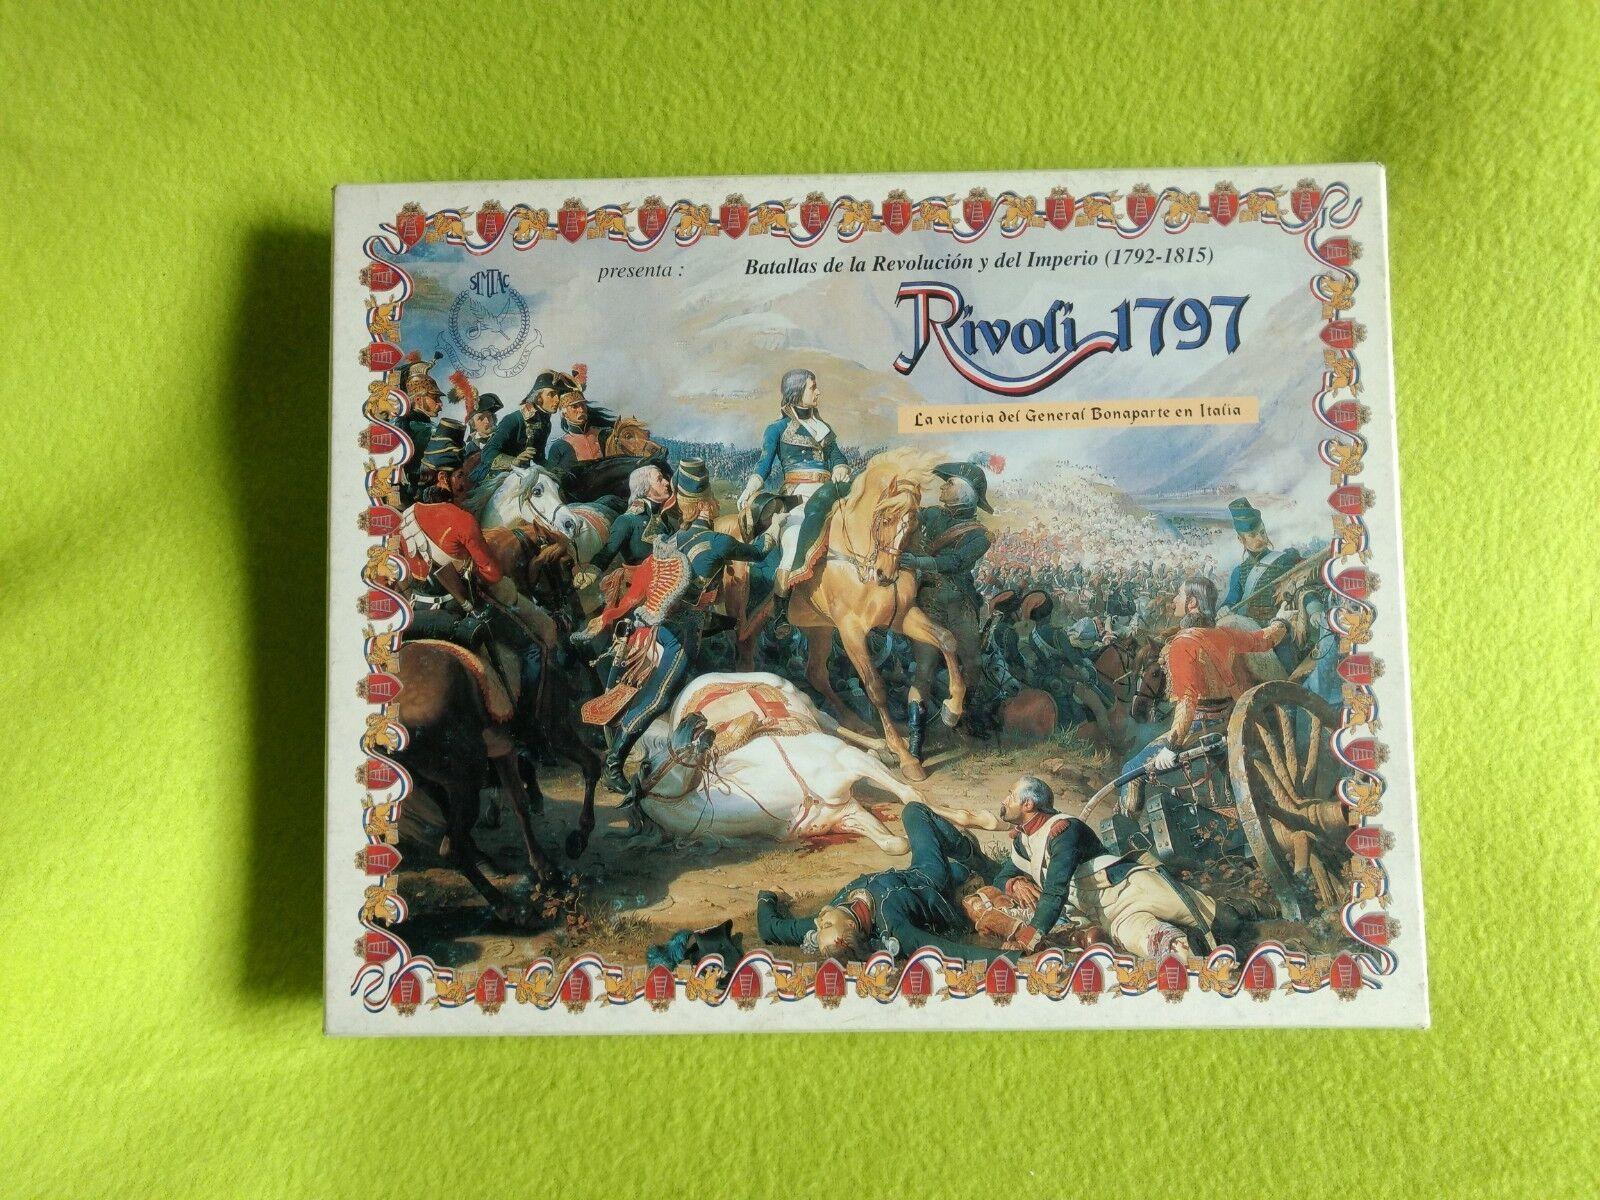 Rivoli Board juego de mesa ESPAÑOL baGröße de Rivoli Rivoli Rivoli 1797 simtac Juegos 310a2b